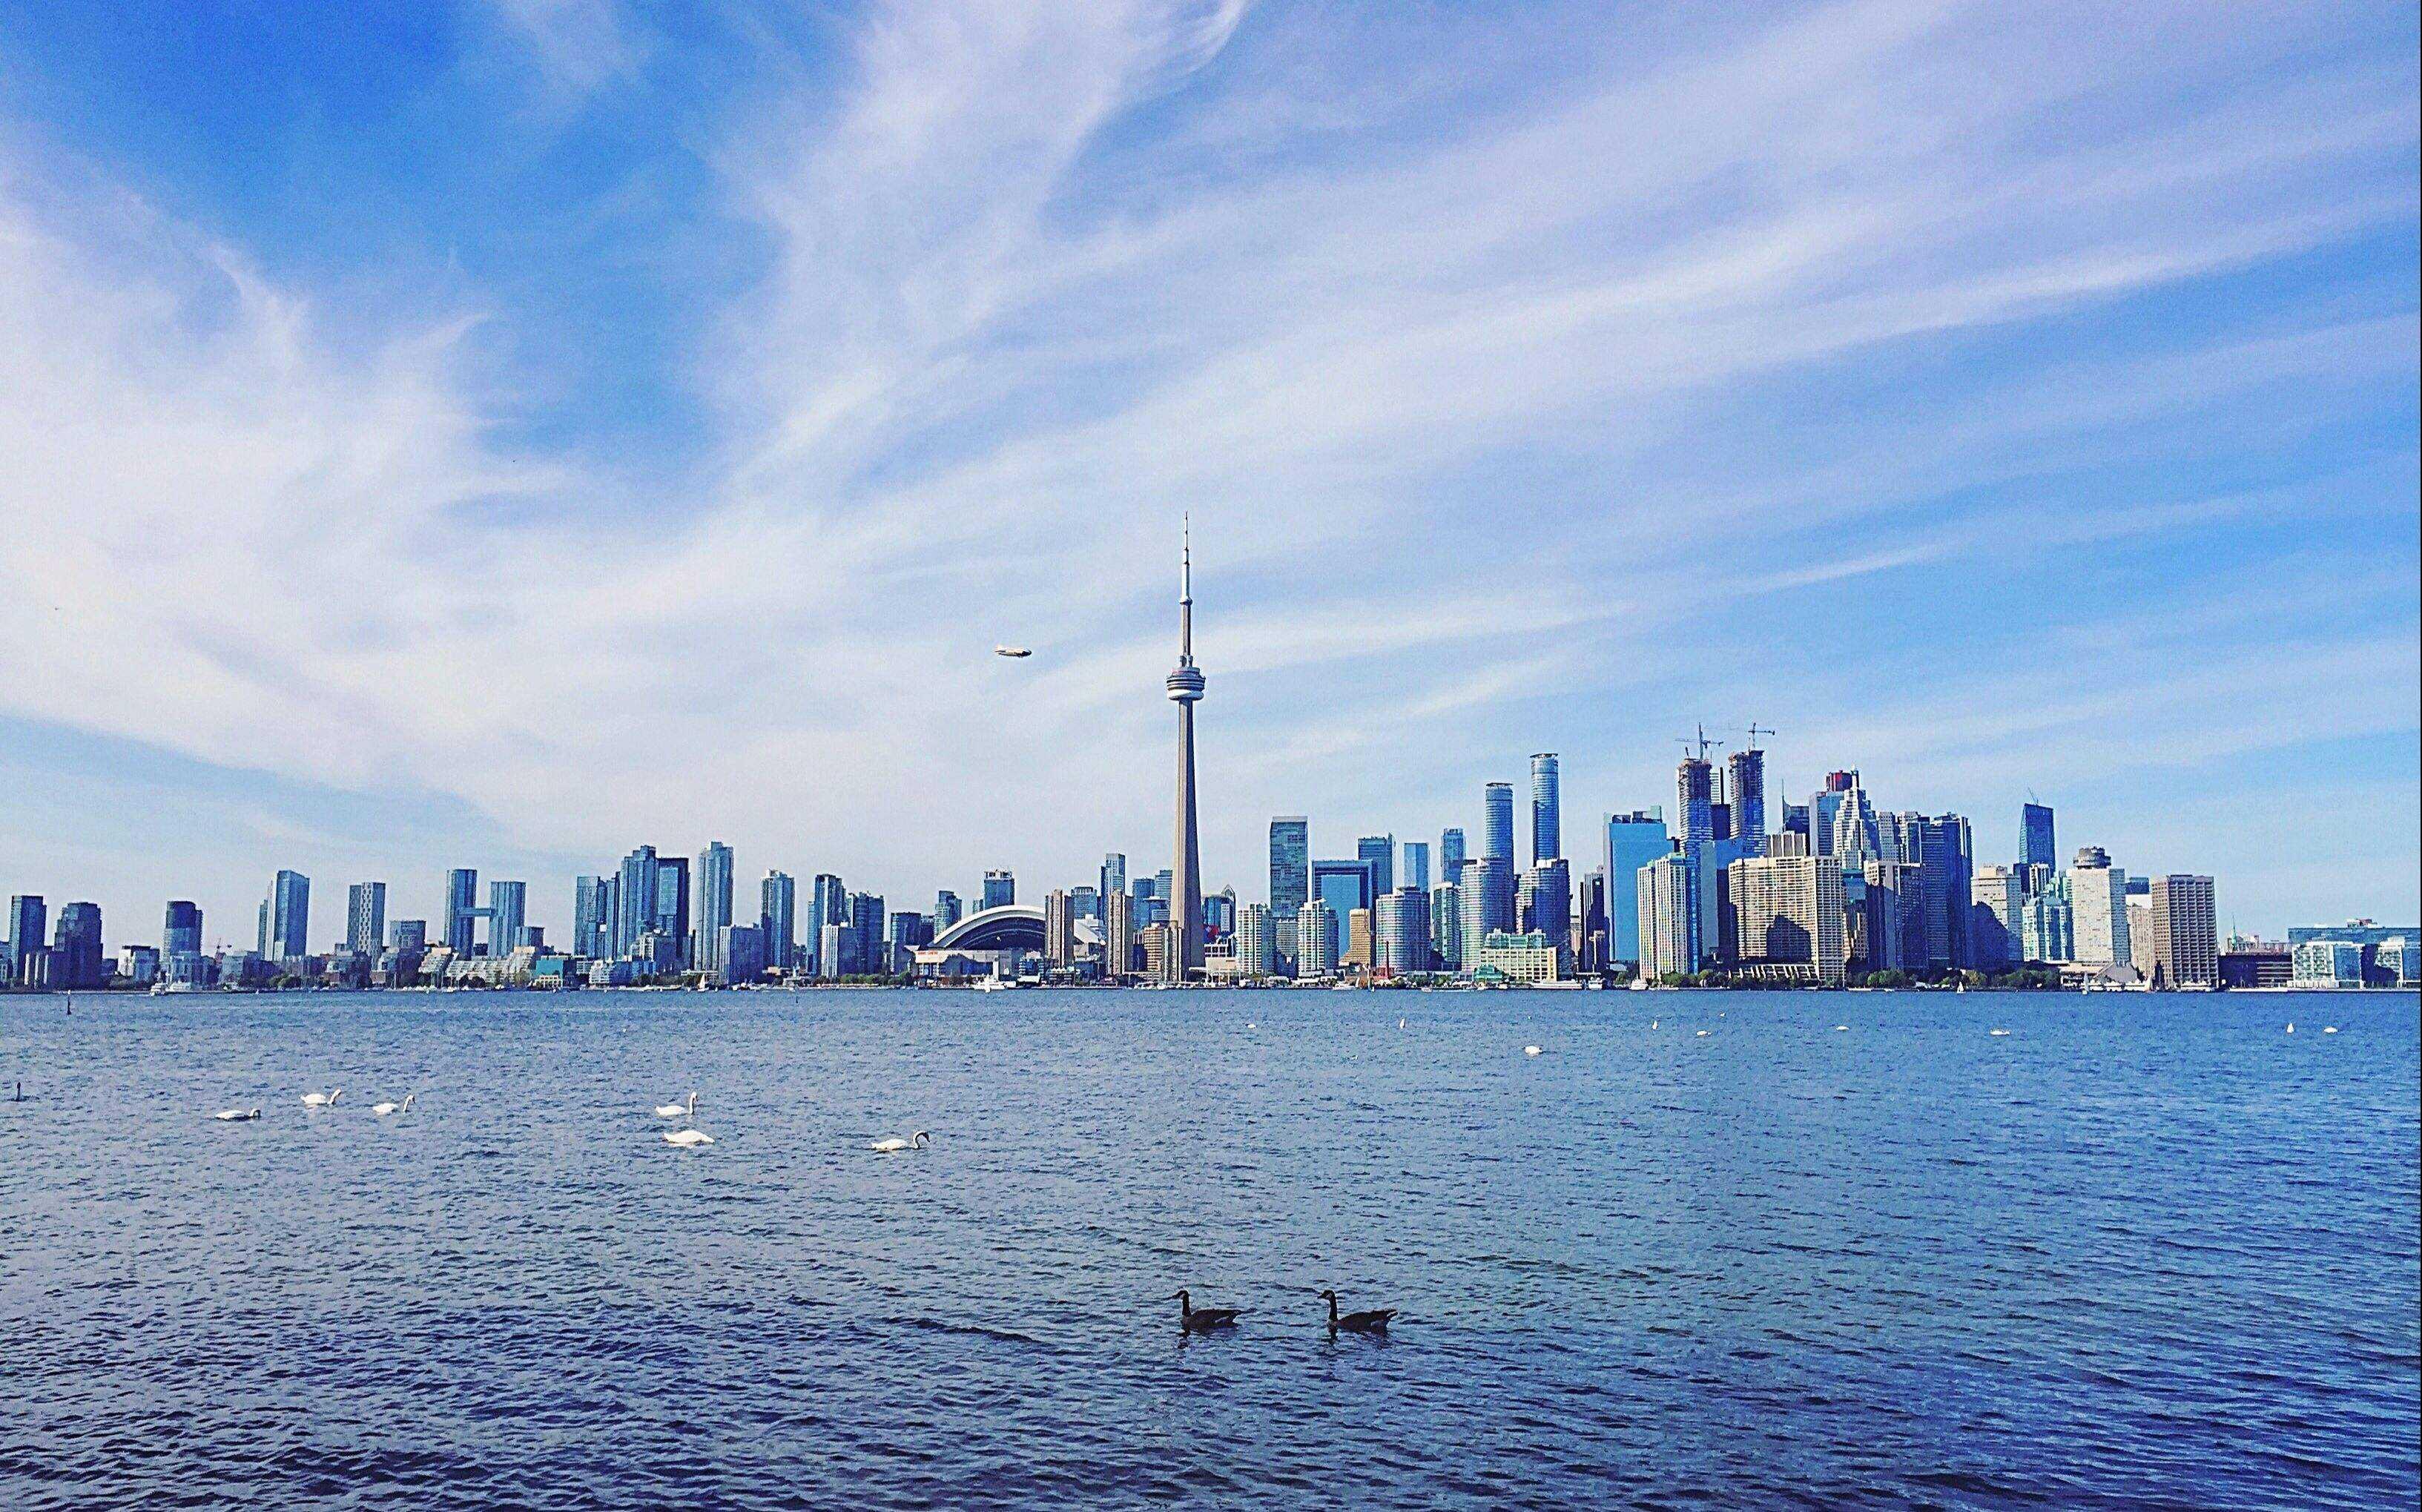 留学热门城市多伦多有哪些魅力?